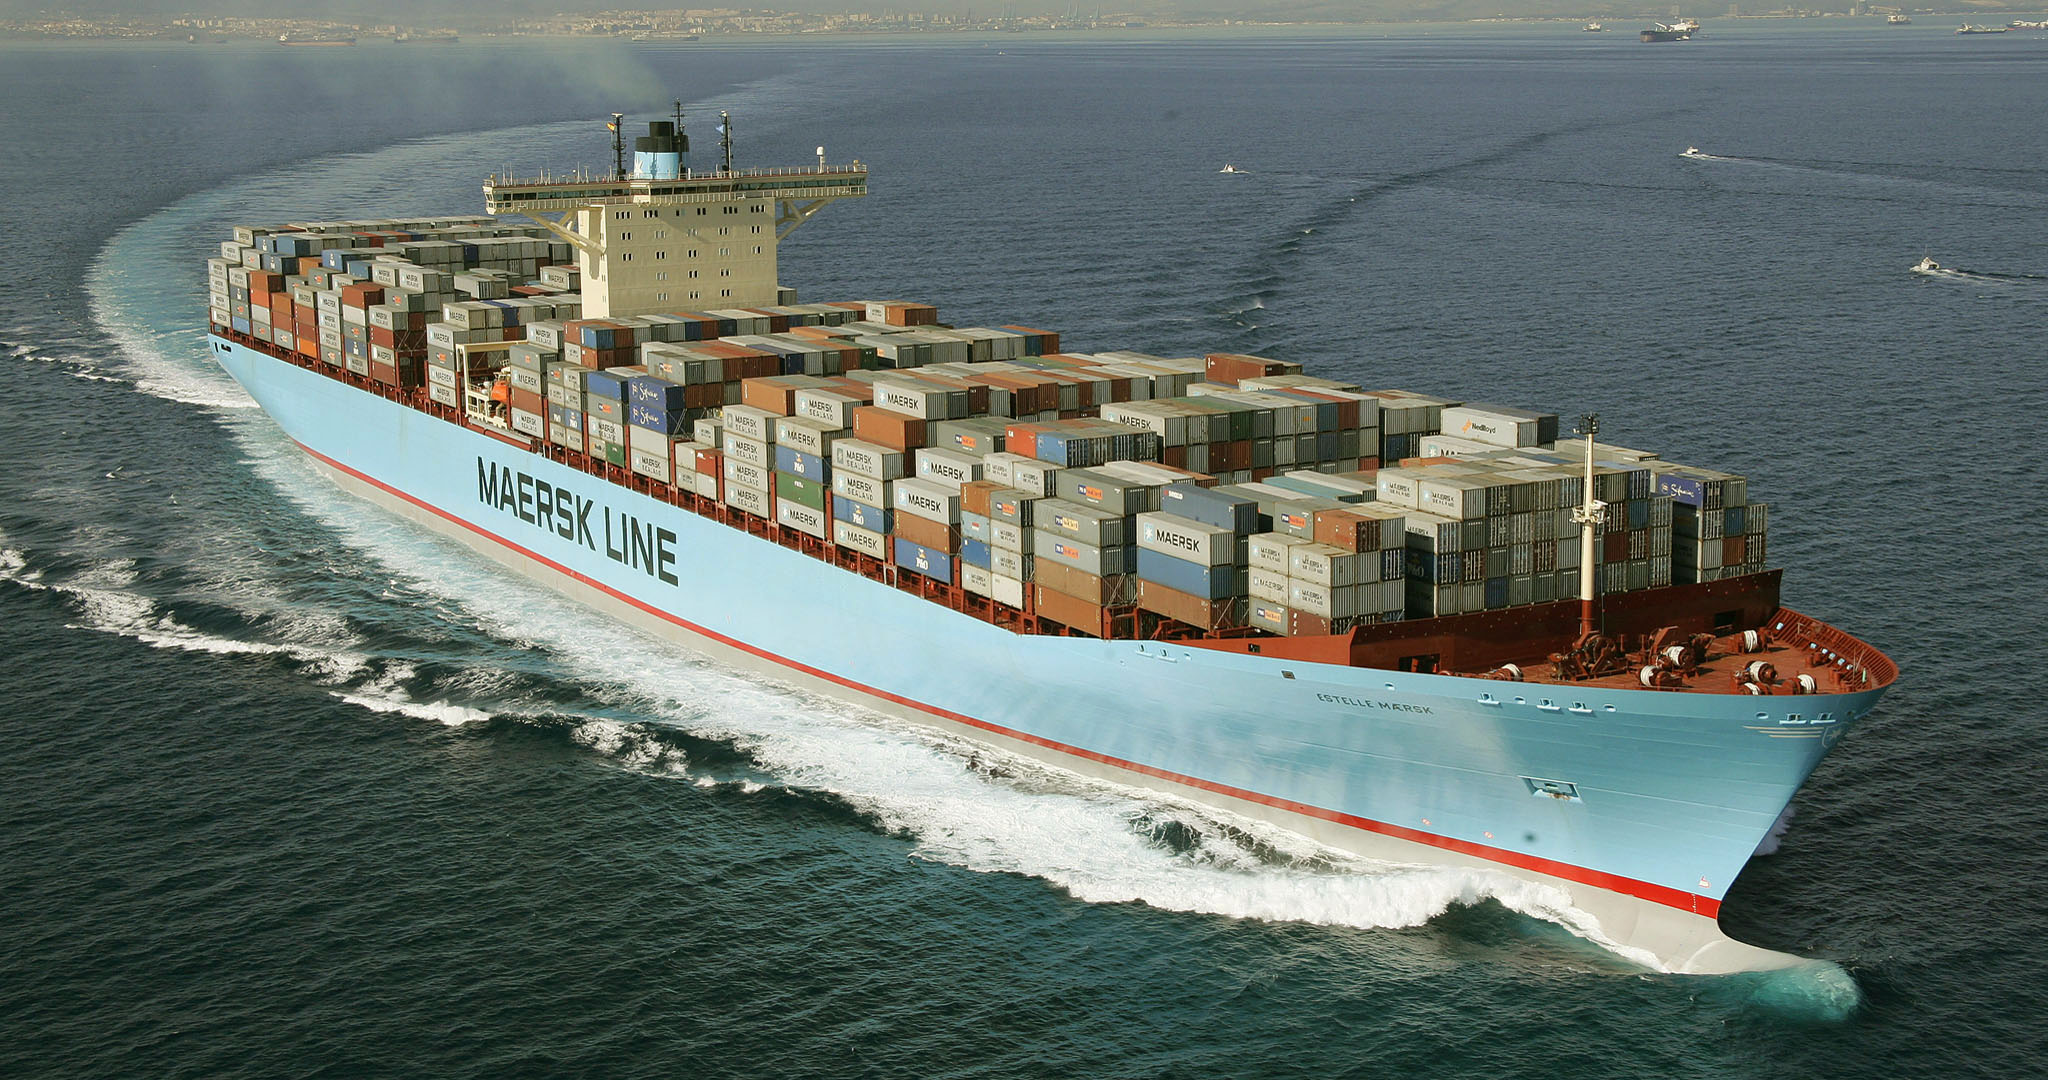 Estelle Maersk